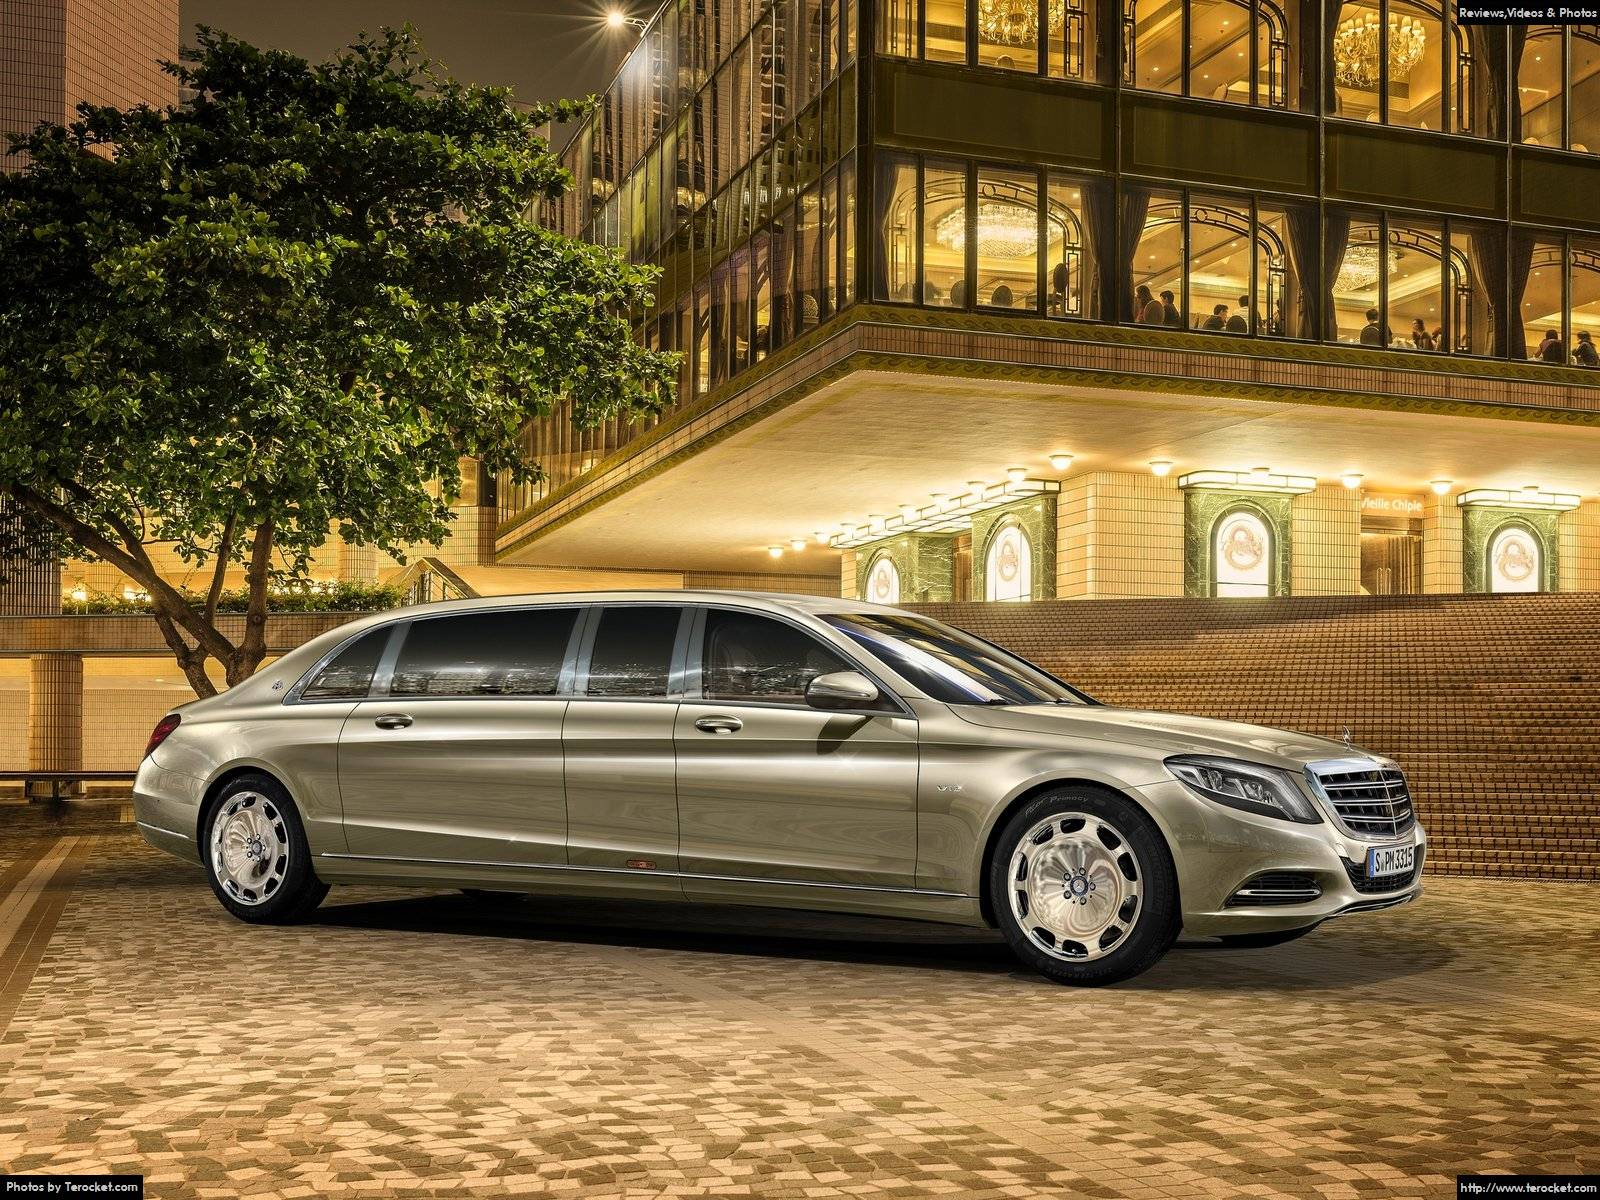 Hình ảnh xe ô tô Mercedes-Benz S600 Pullman Maybach 2016 & nội ngoại thất